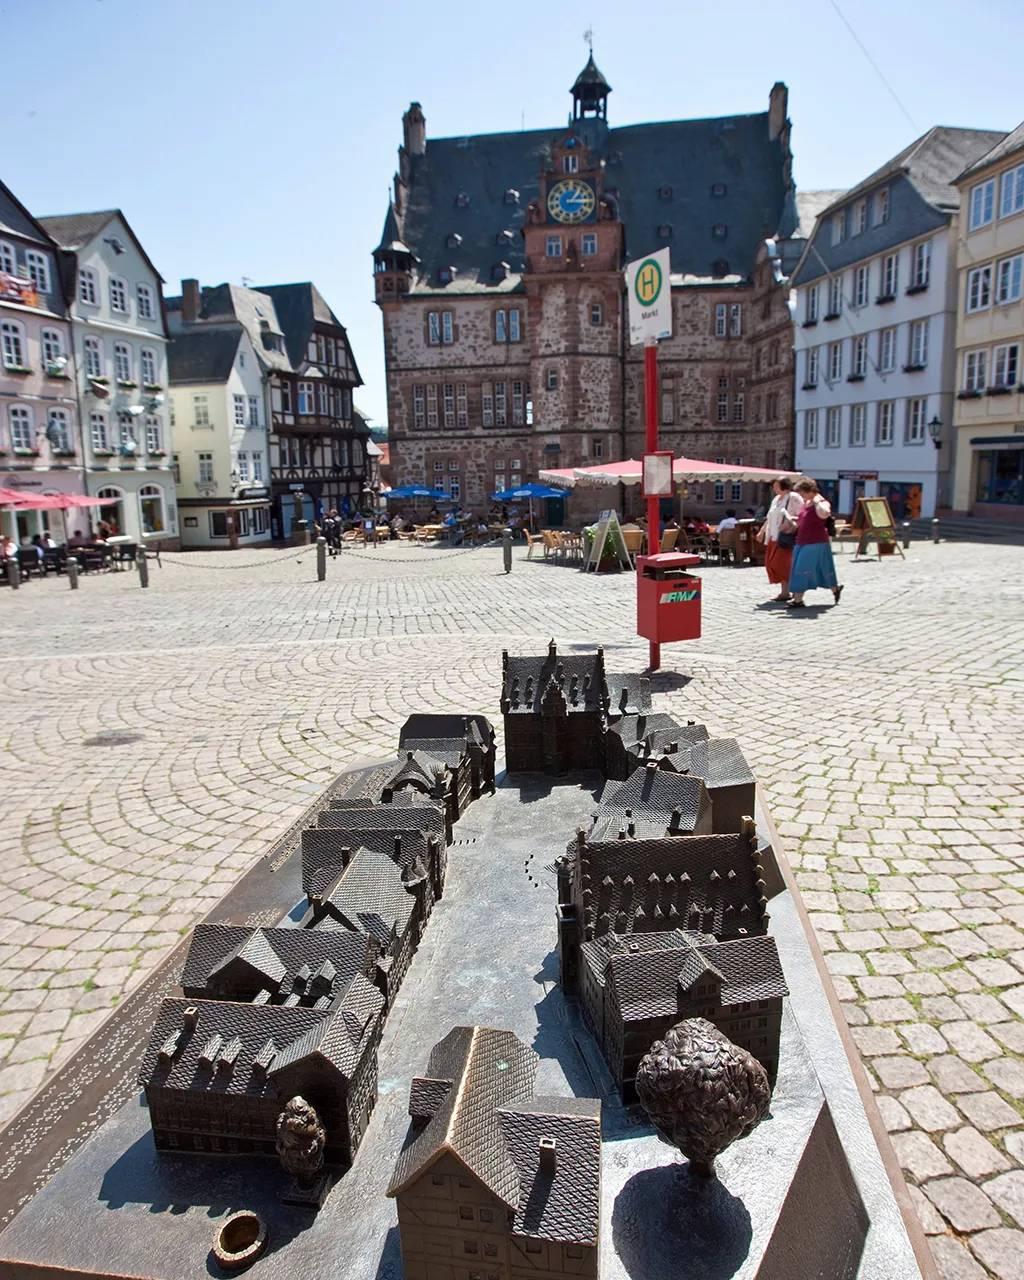 德国这座「盲人之都」,展现了未来智慧城市的缩影